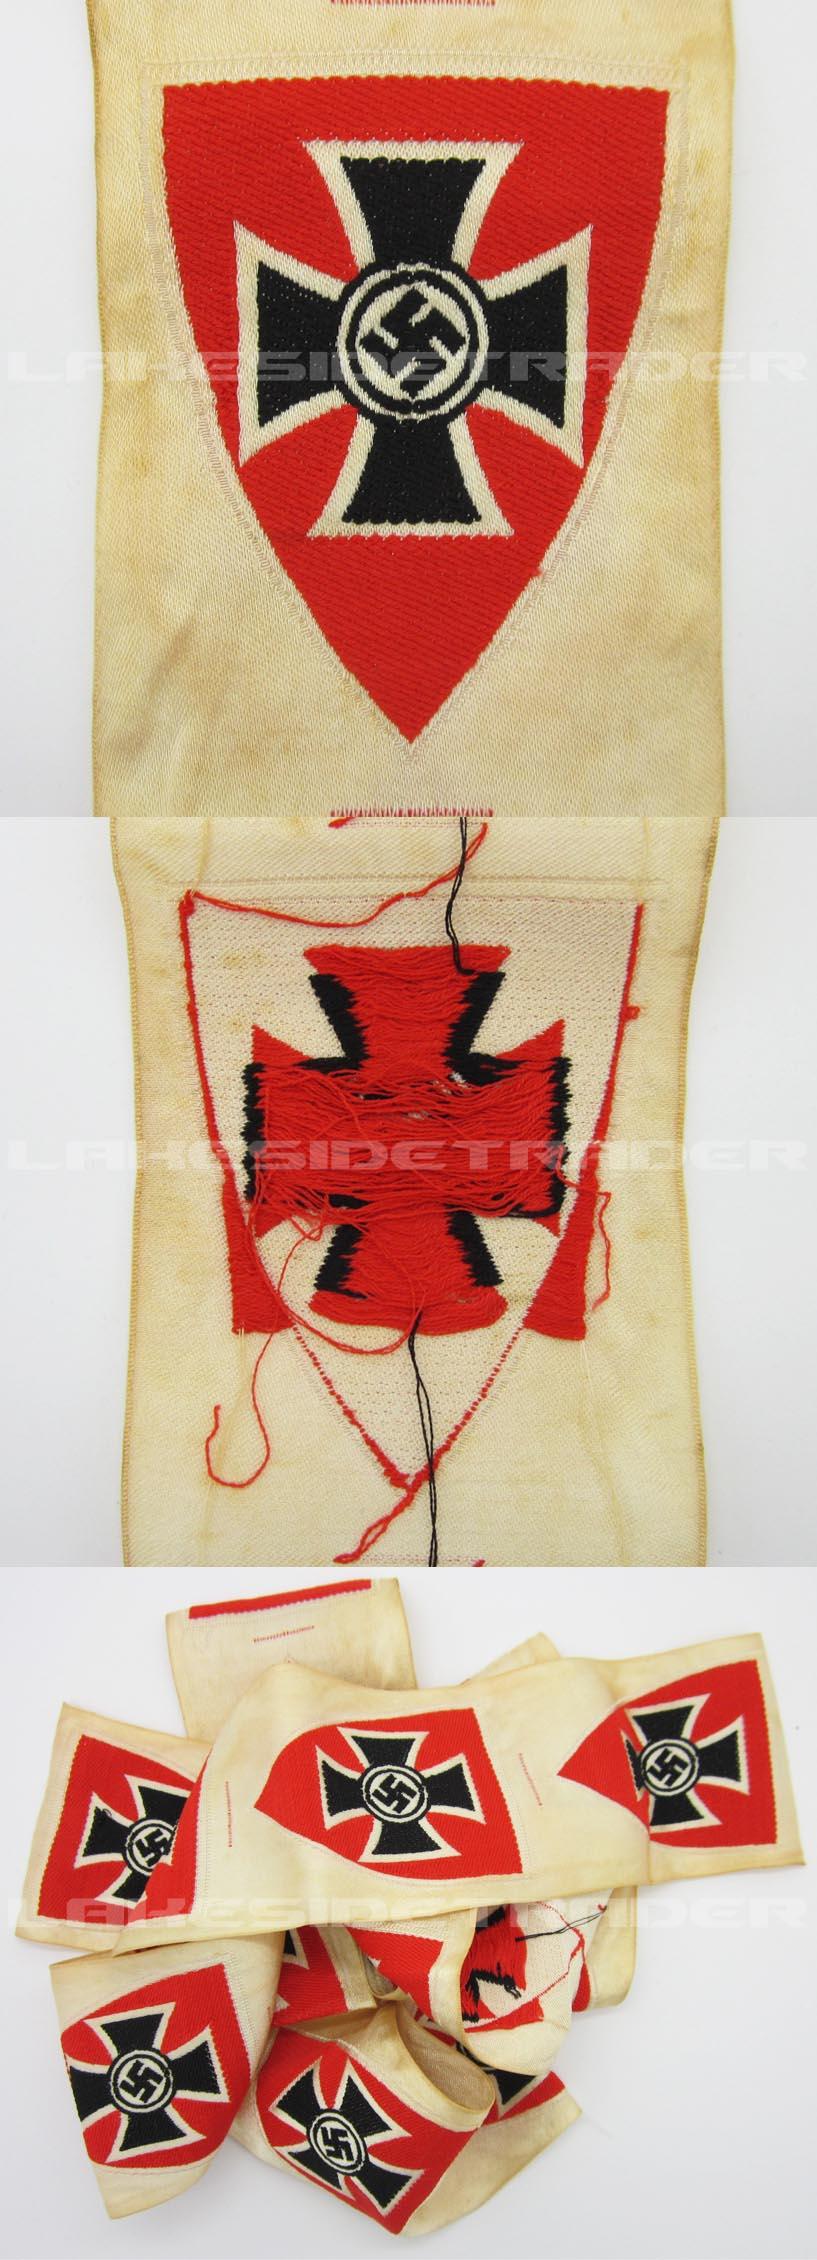 DRKB Veterans Membership Armband Insignia